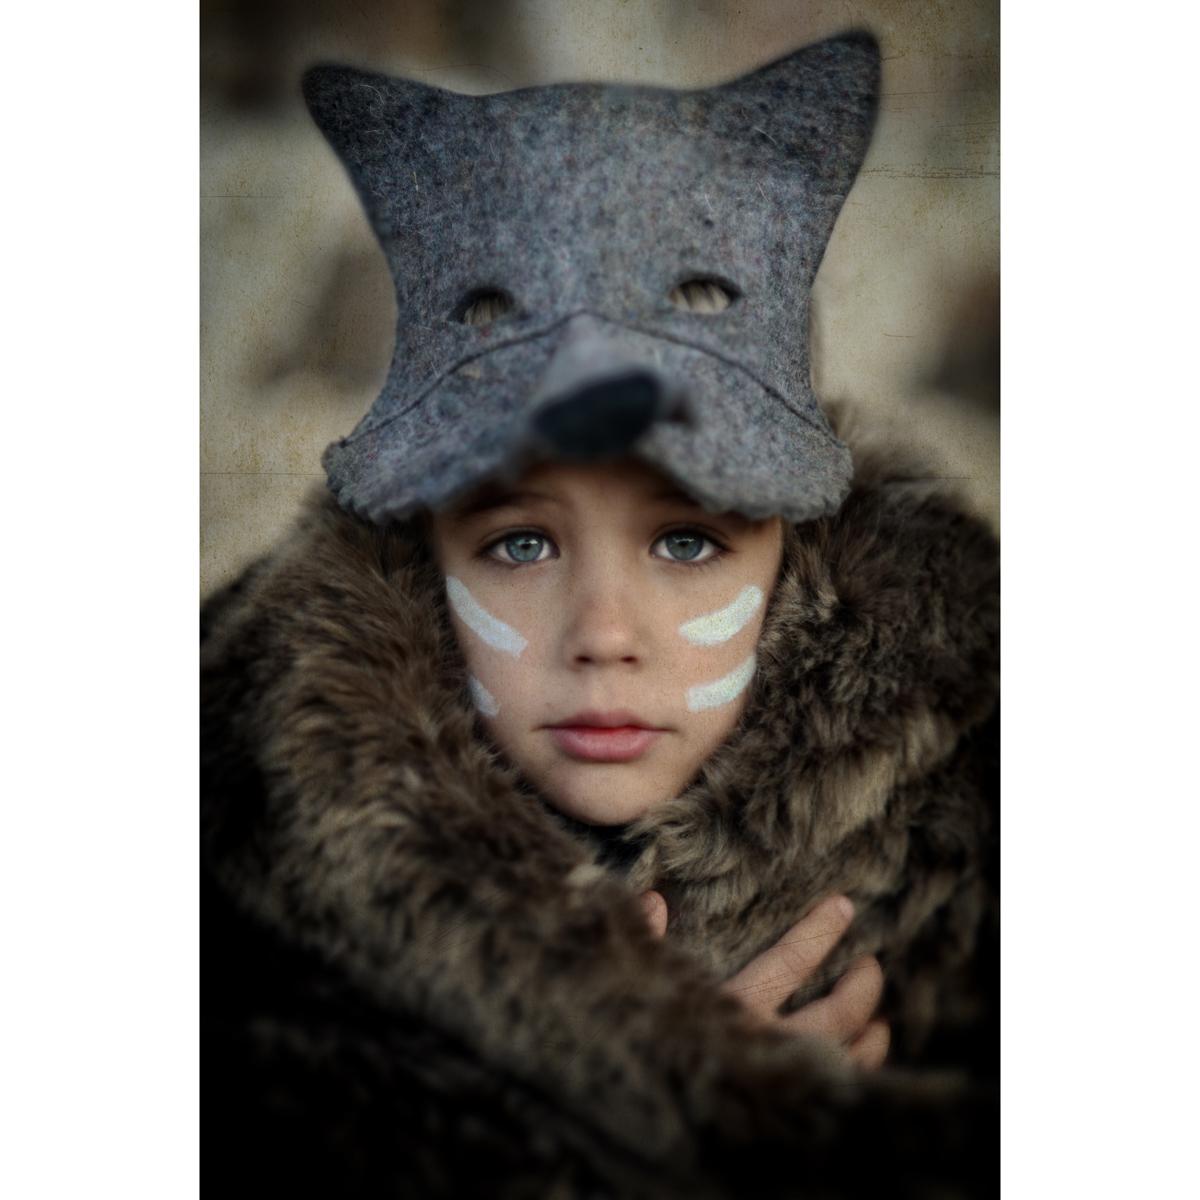 CC n° 59 Masque-enfant-loup-gris-frida-s-tierchen-1